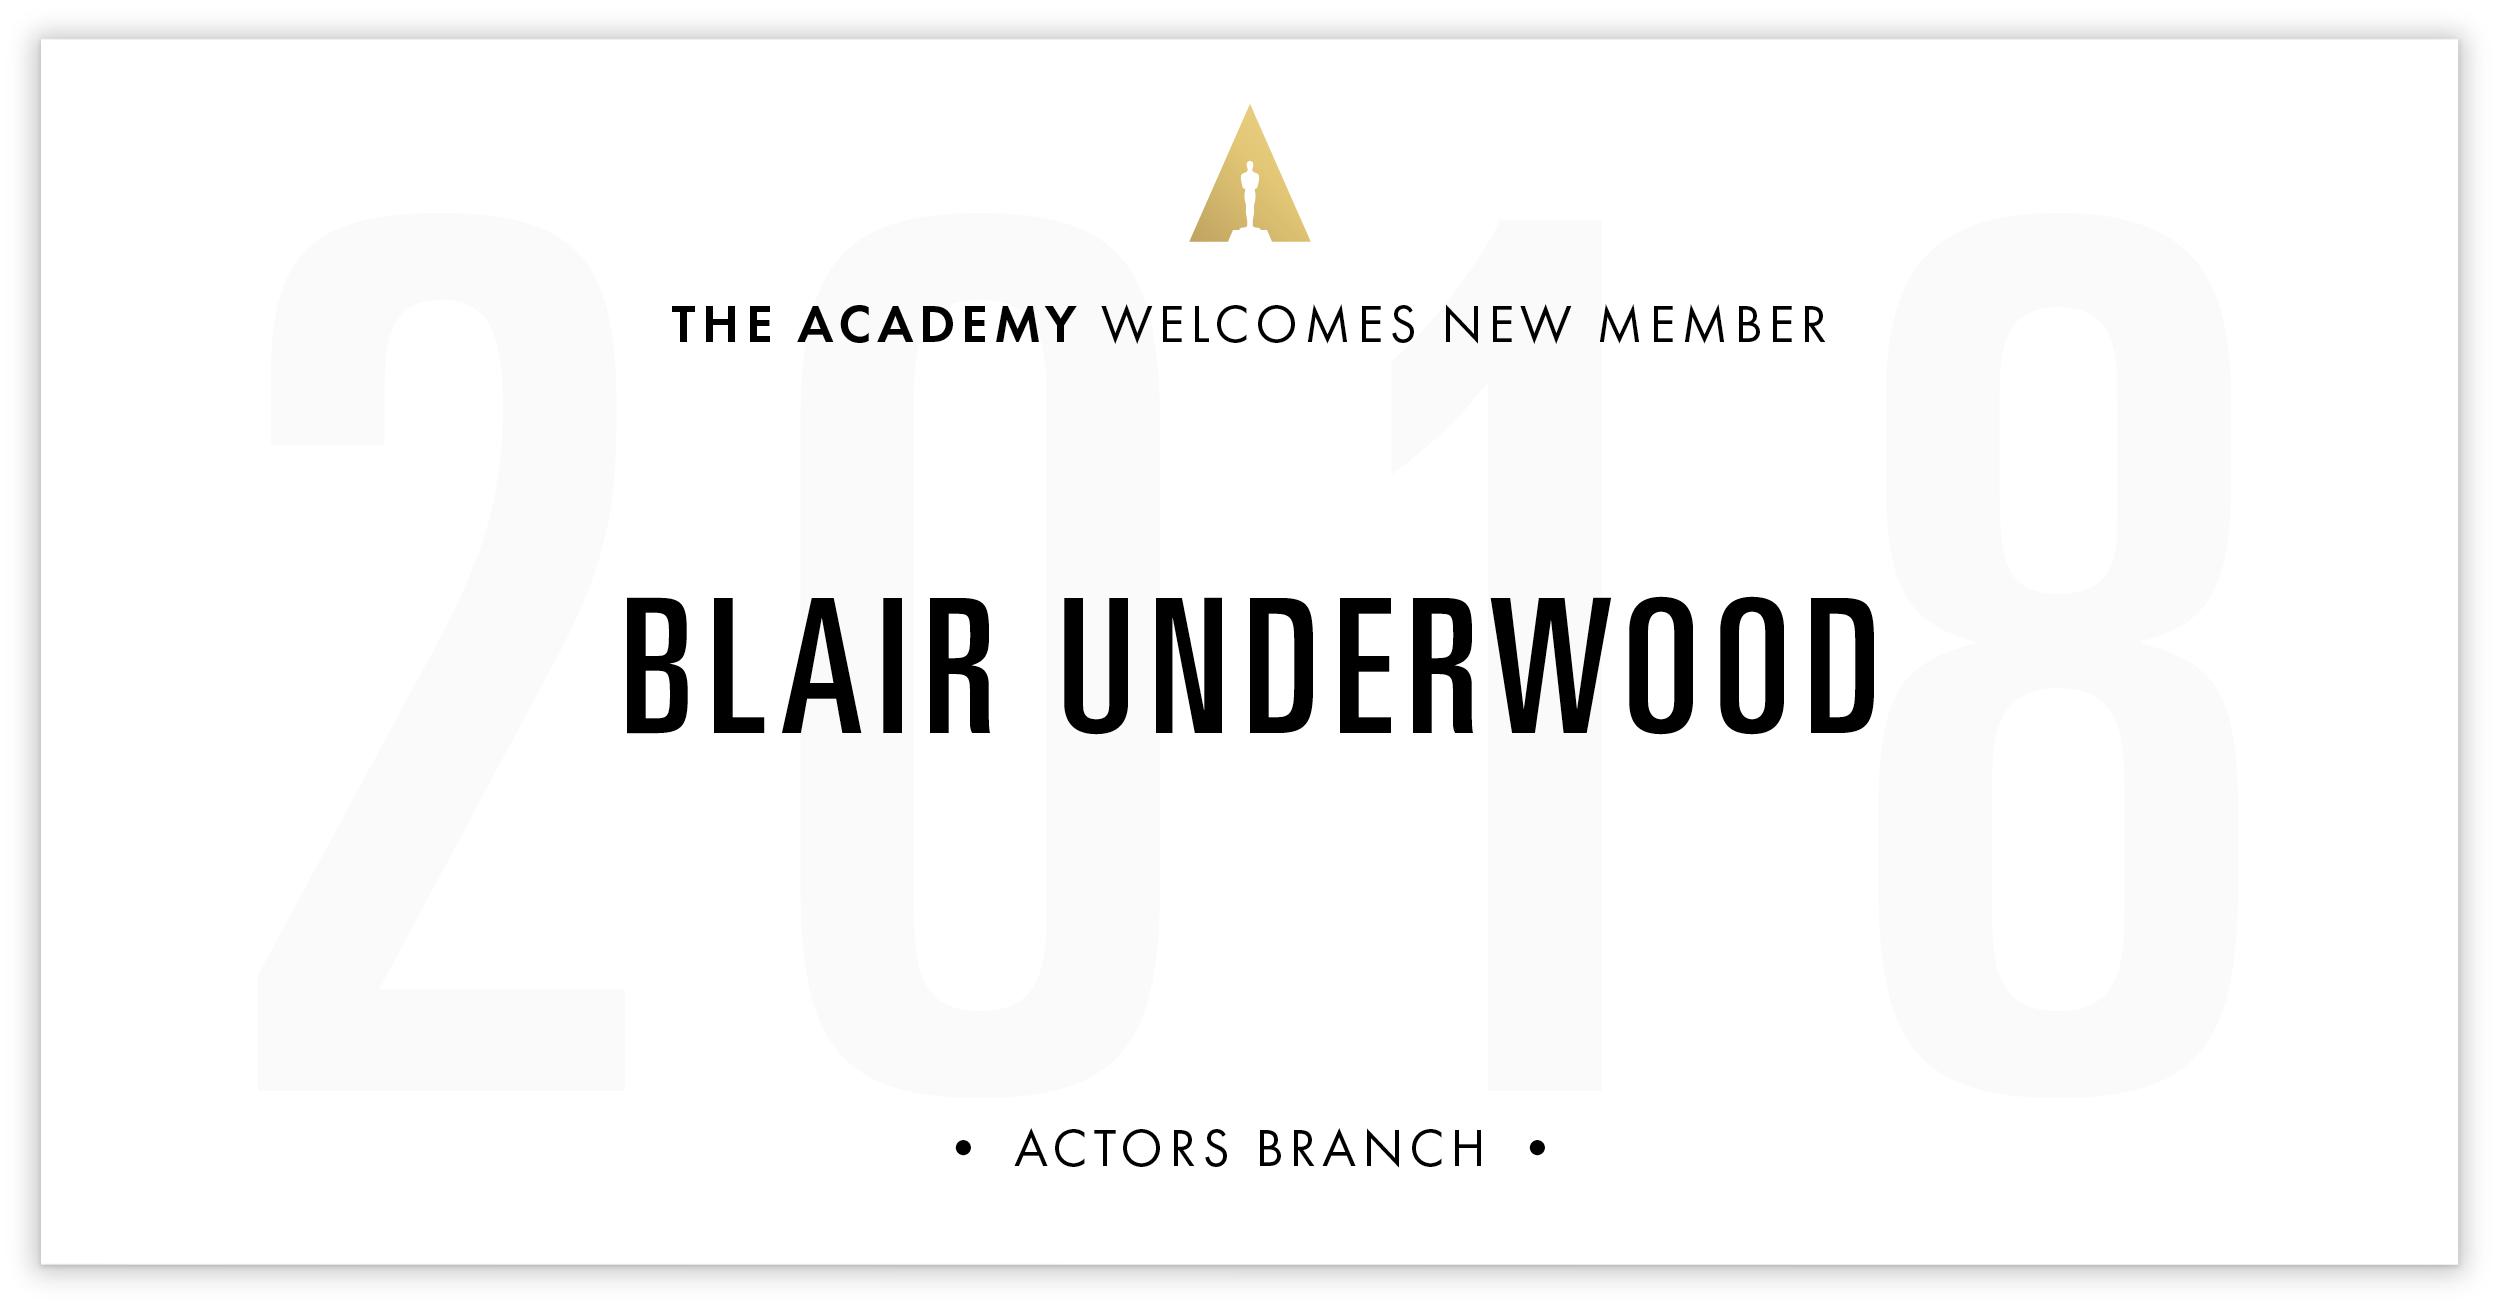 Blair Underwood is invited!